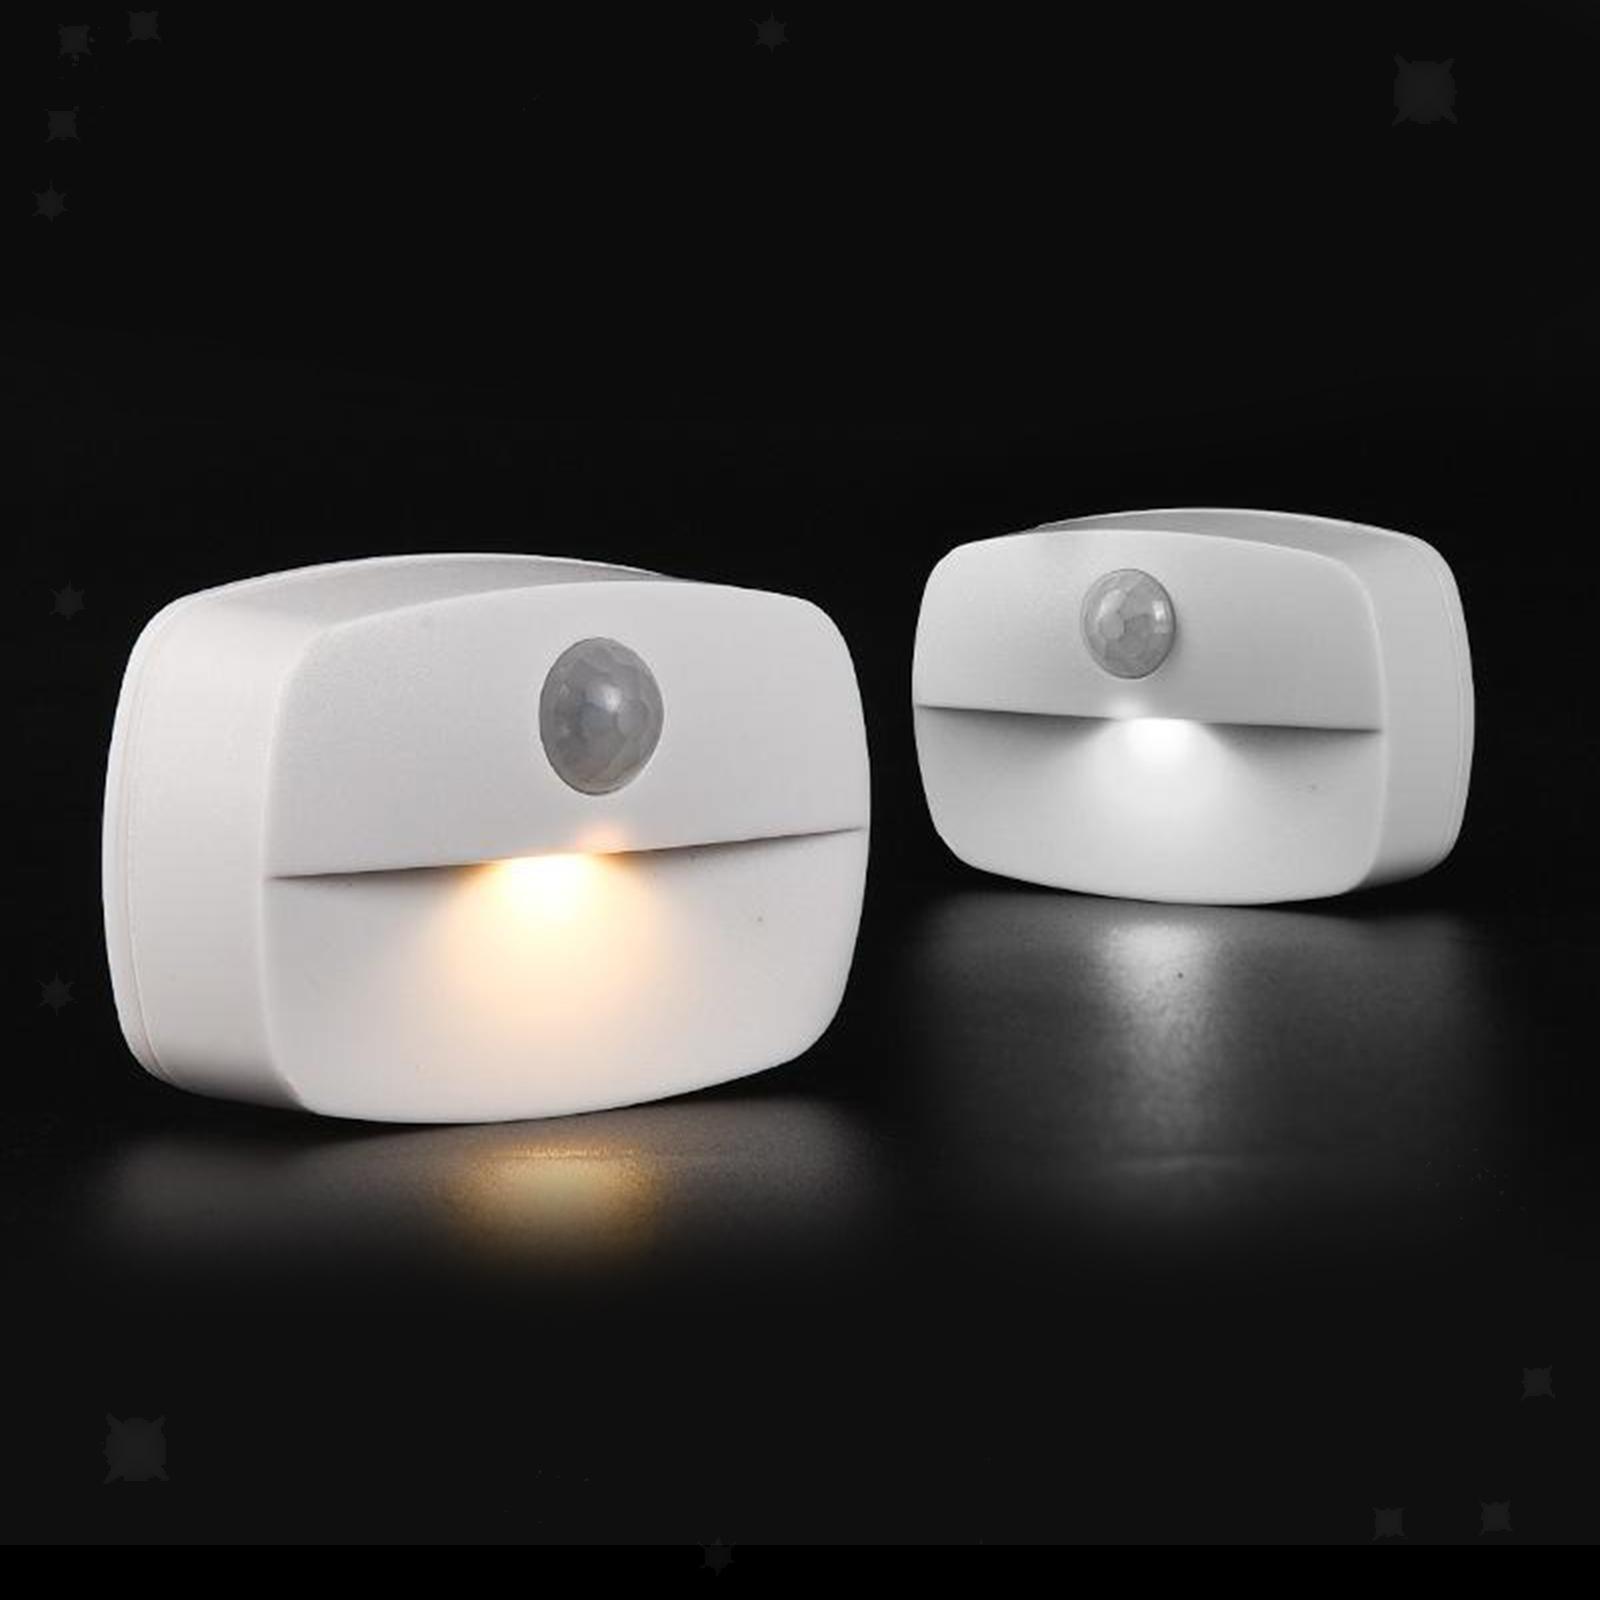 miniatura 6 - Lampada-da-parete-multifunzione-a-LED-con-sensore-di-movimento-Lampada-da-parete